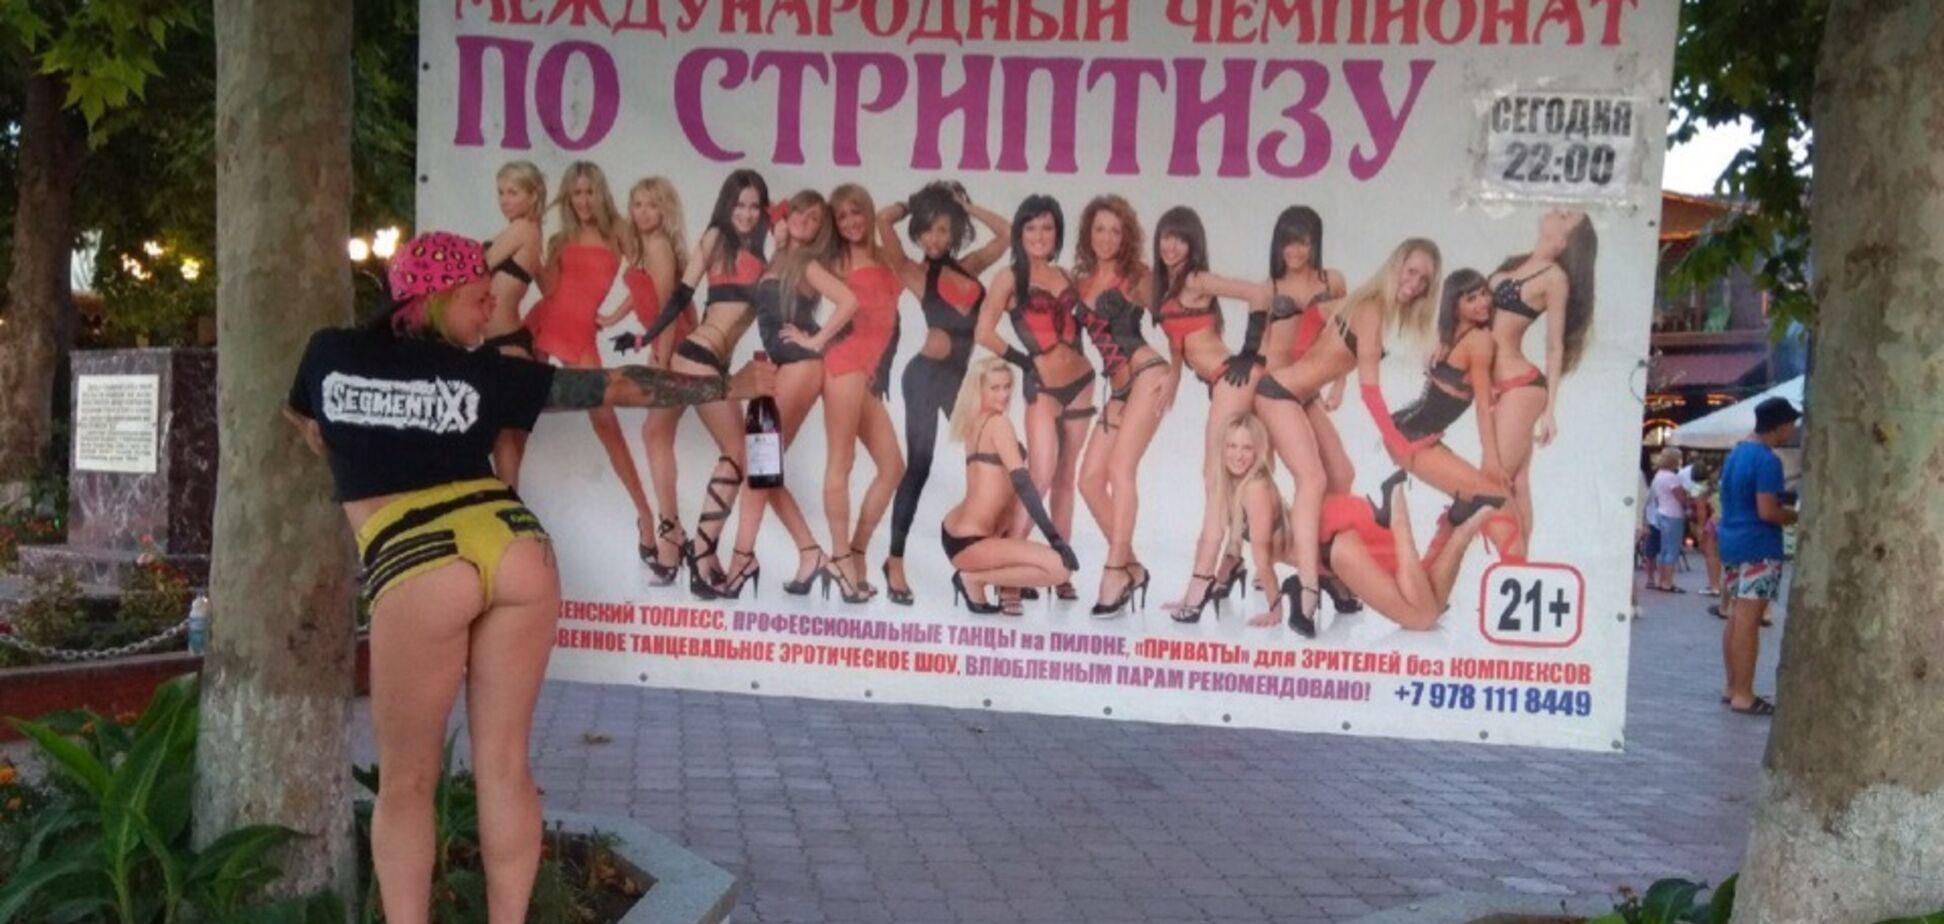 Оккупанты в Крыму организовали 'международный чемпионат по стриптизу'